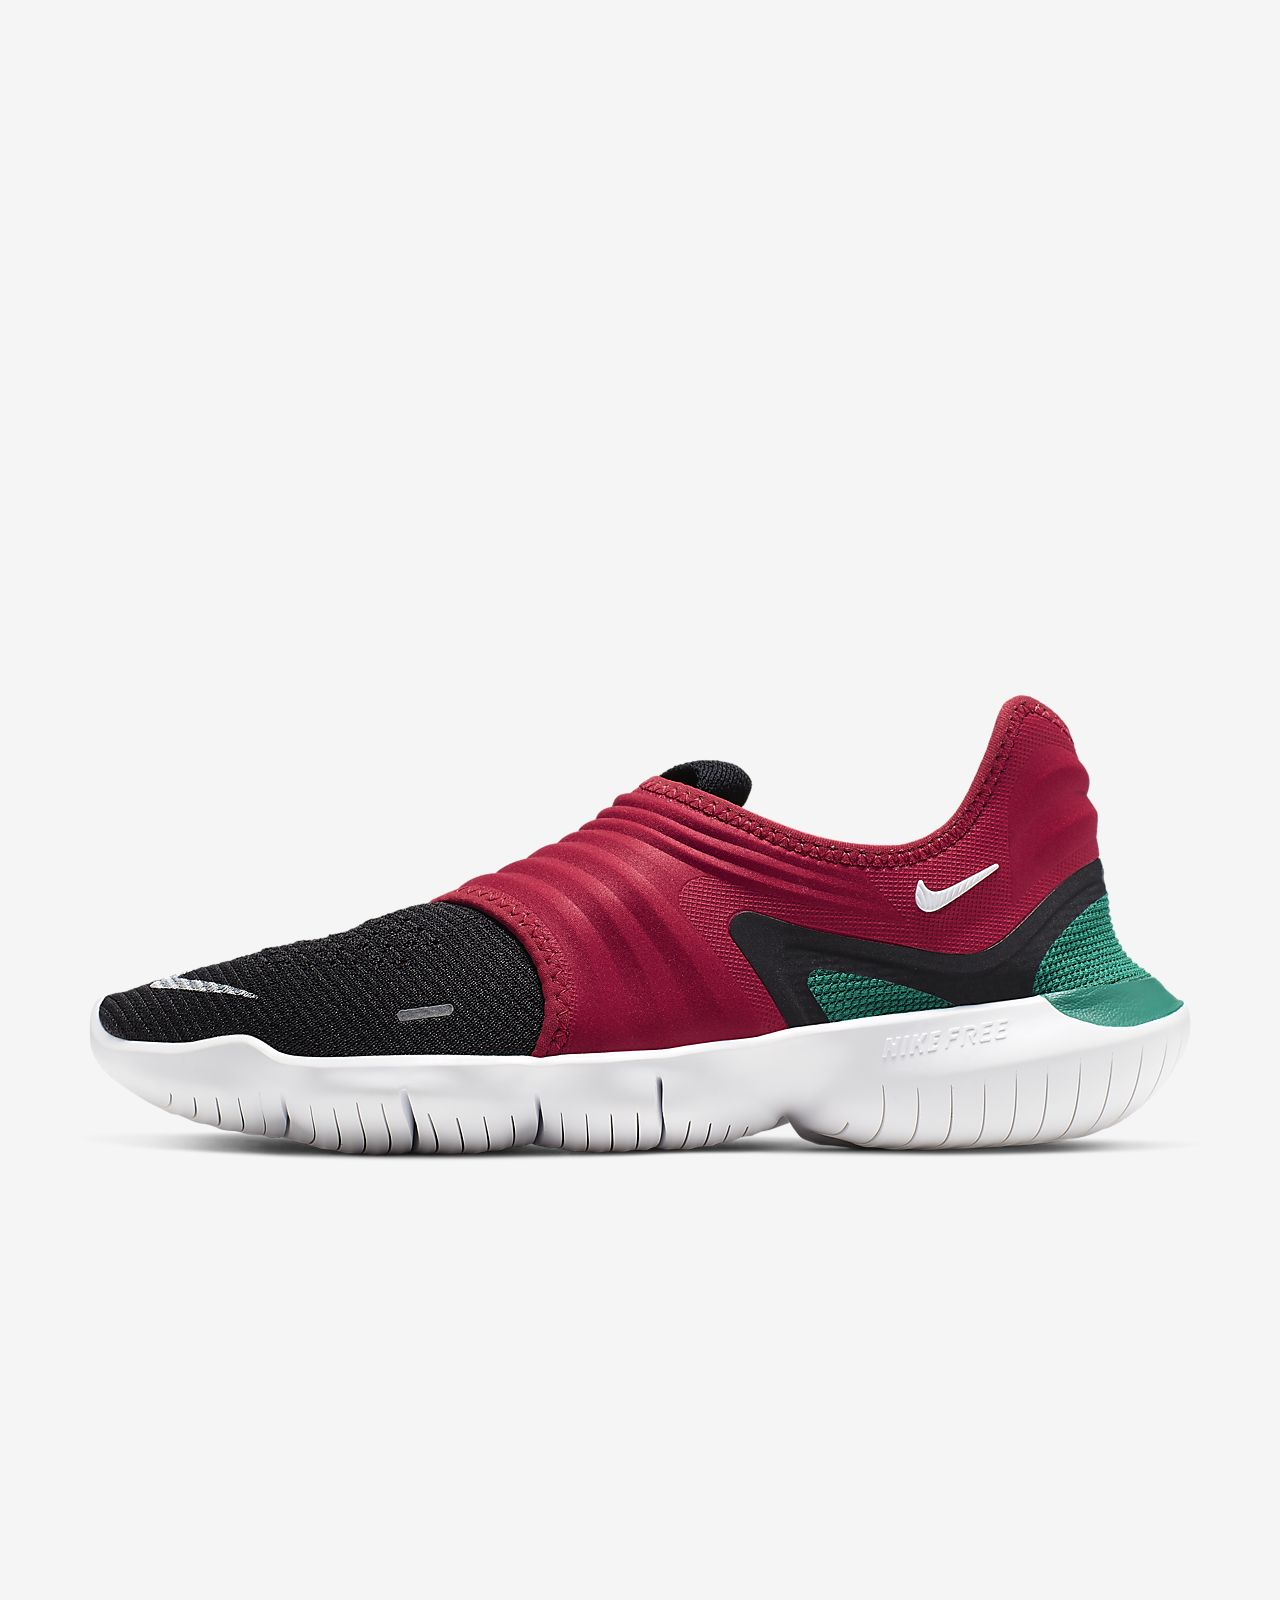 NikeFree RN Flyknit 3.0 SF 男/女运动鞋